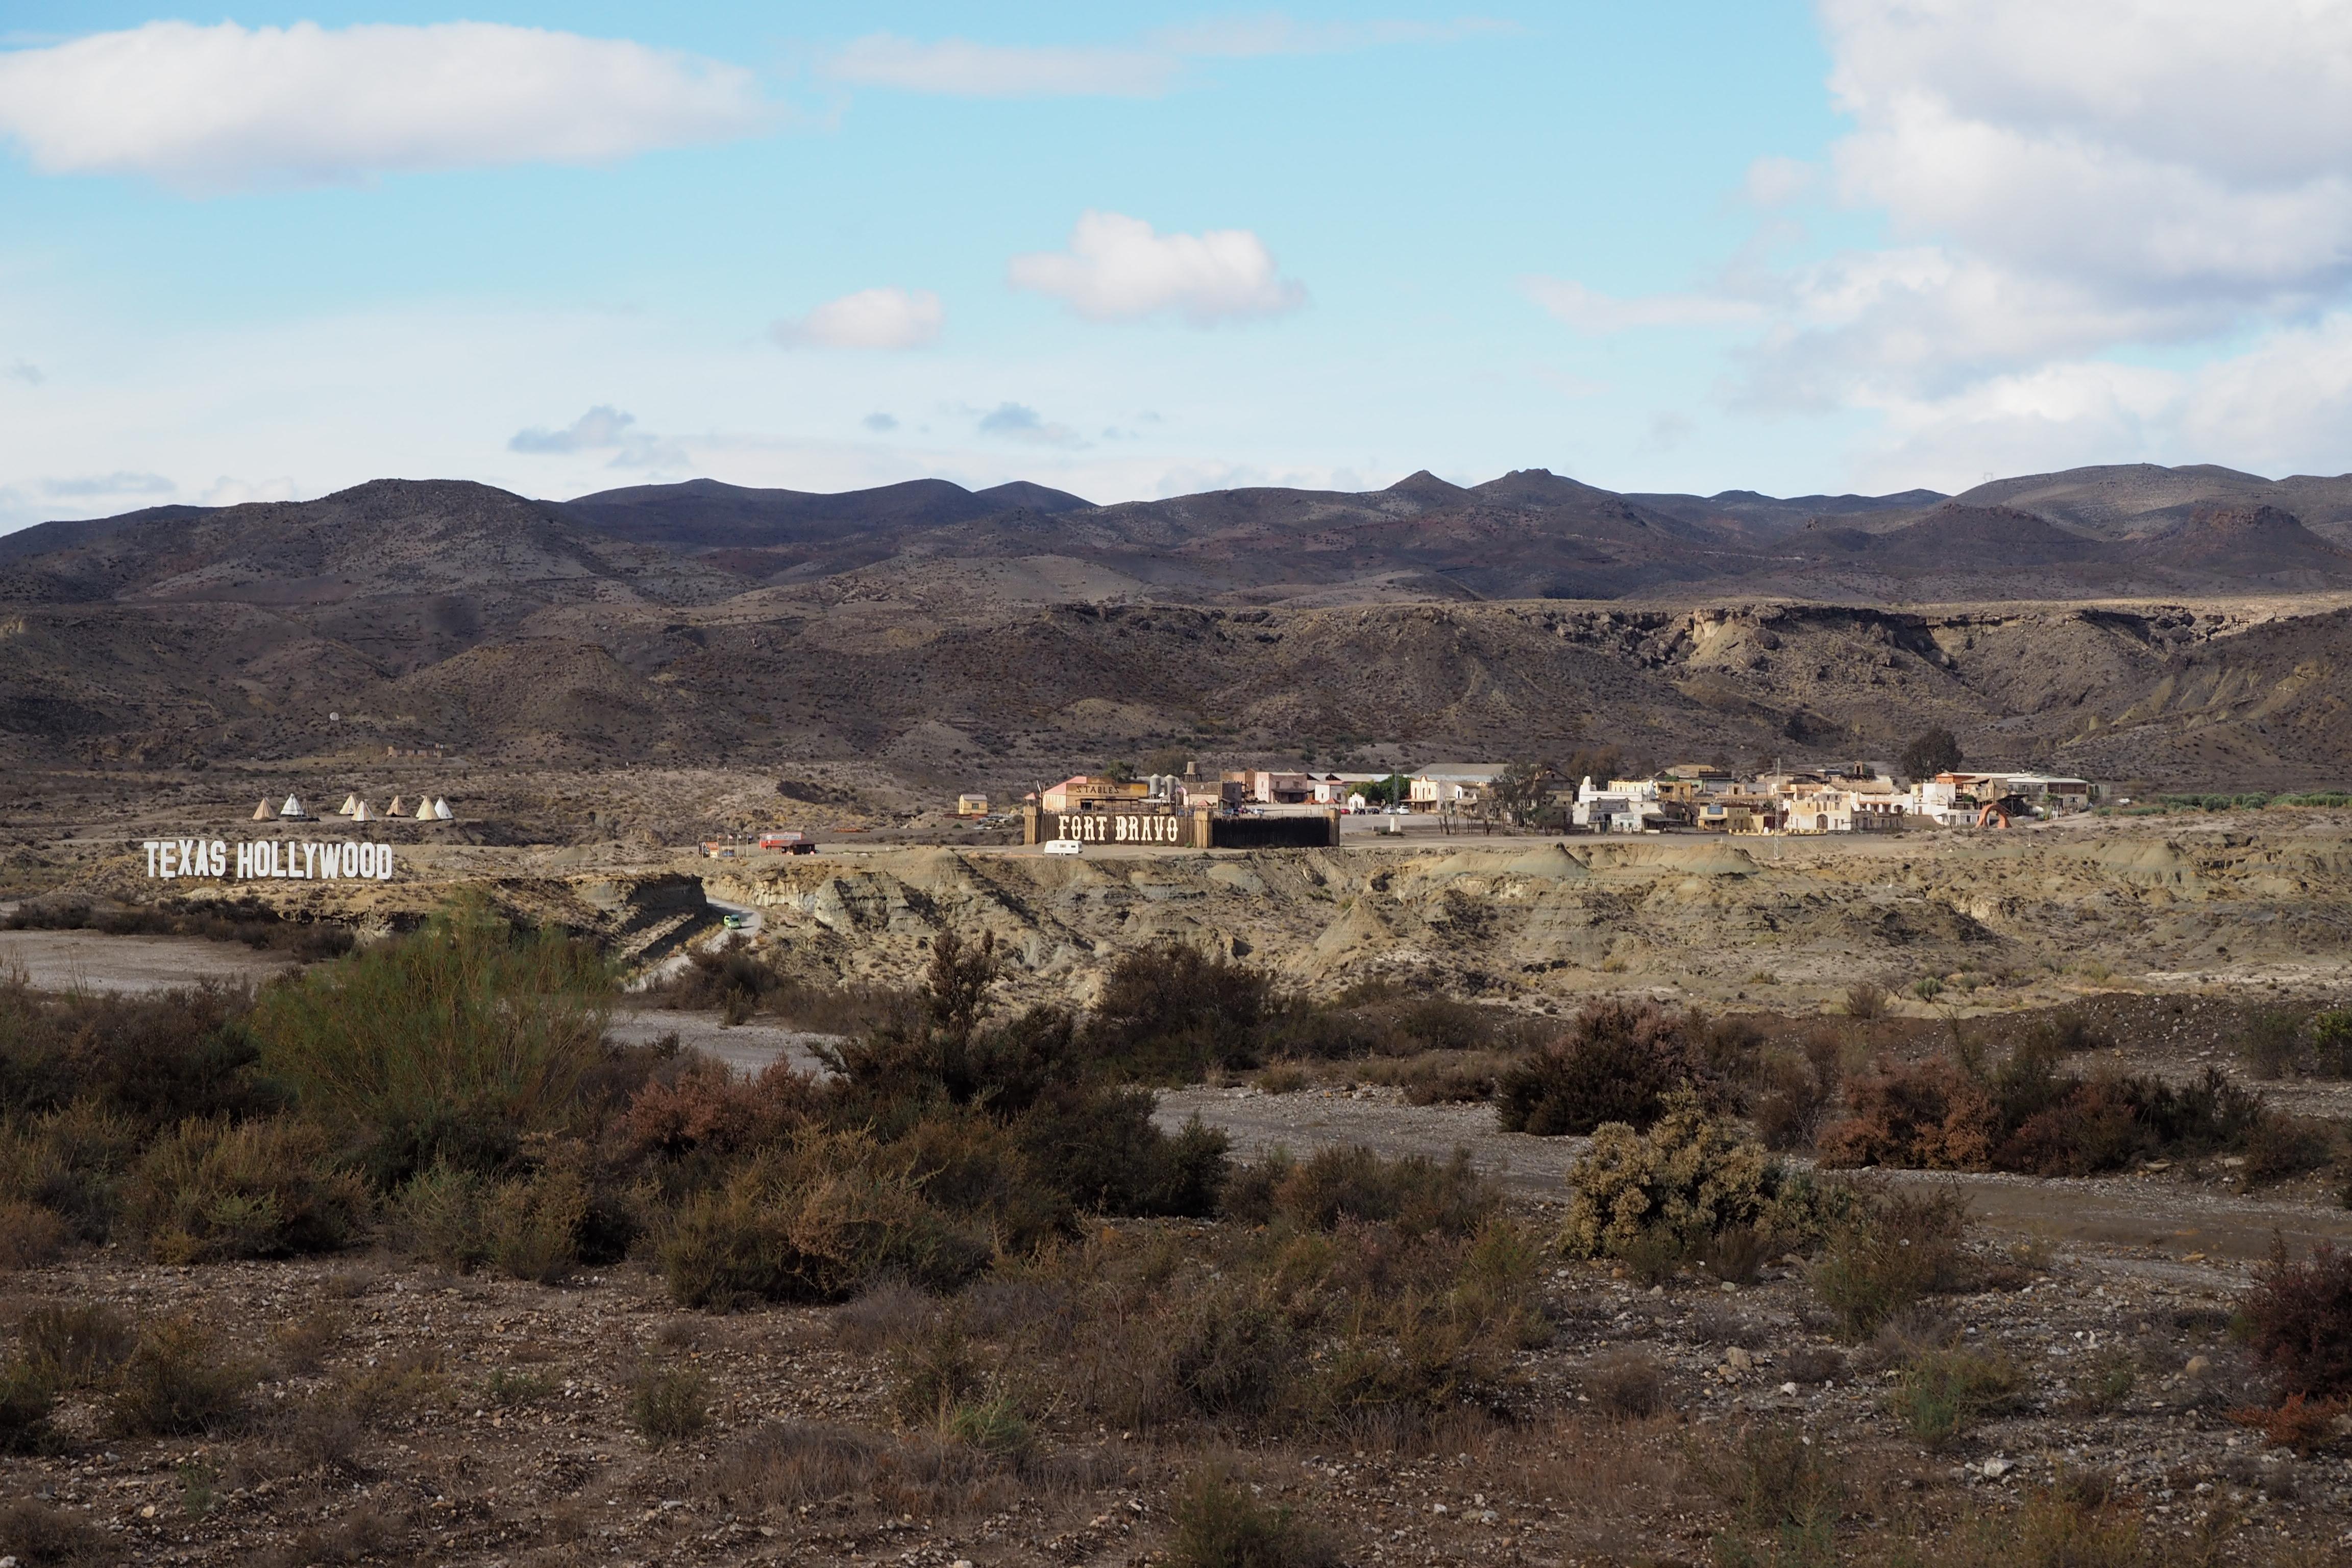 Fort Bravo: Ein bisschen Hollywood in der spanischen Wüste – Indianersiedlung inklusive (links).